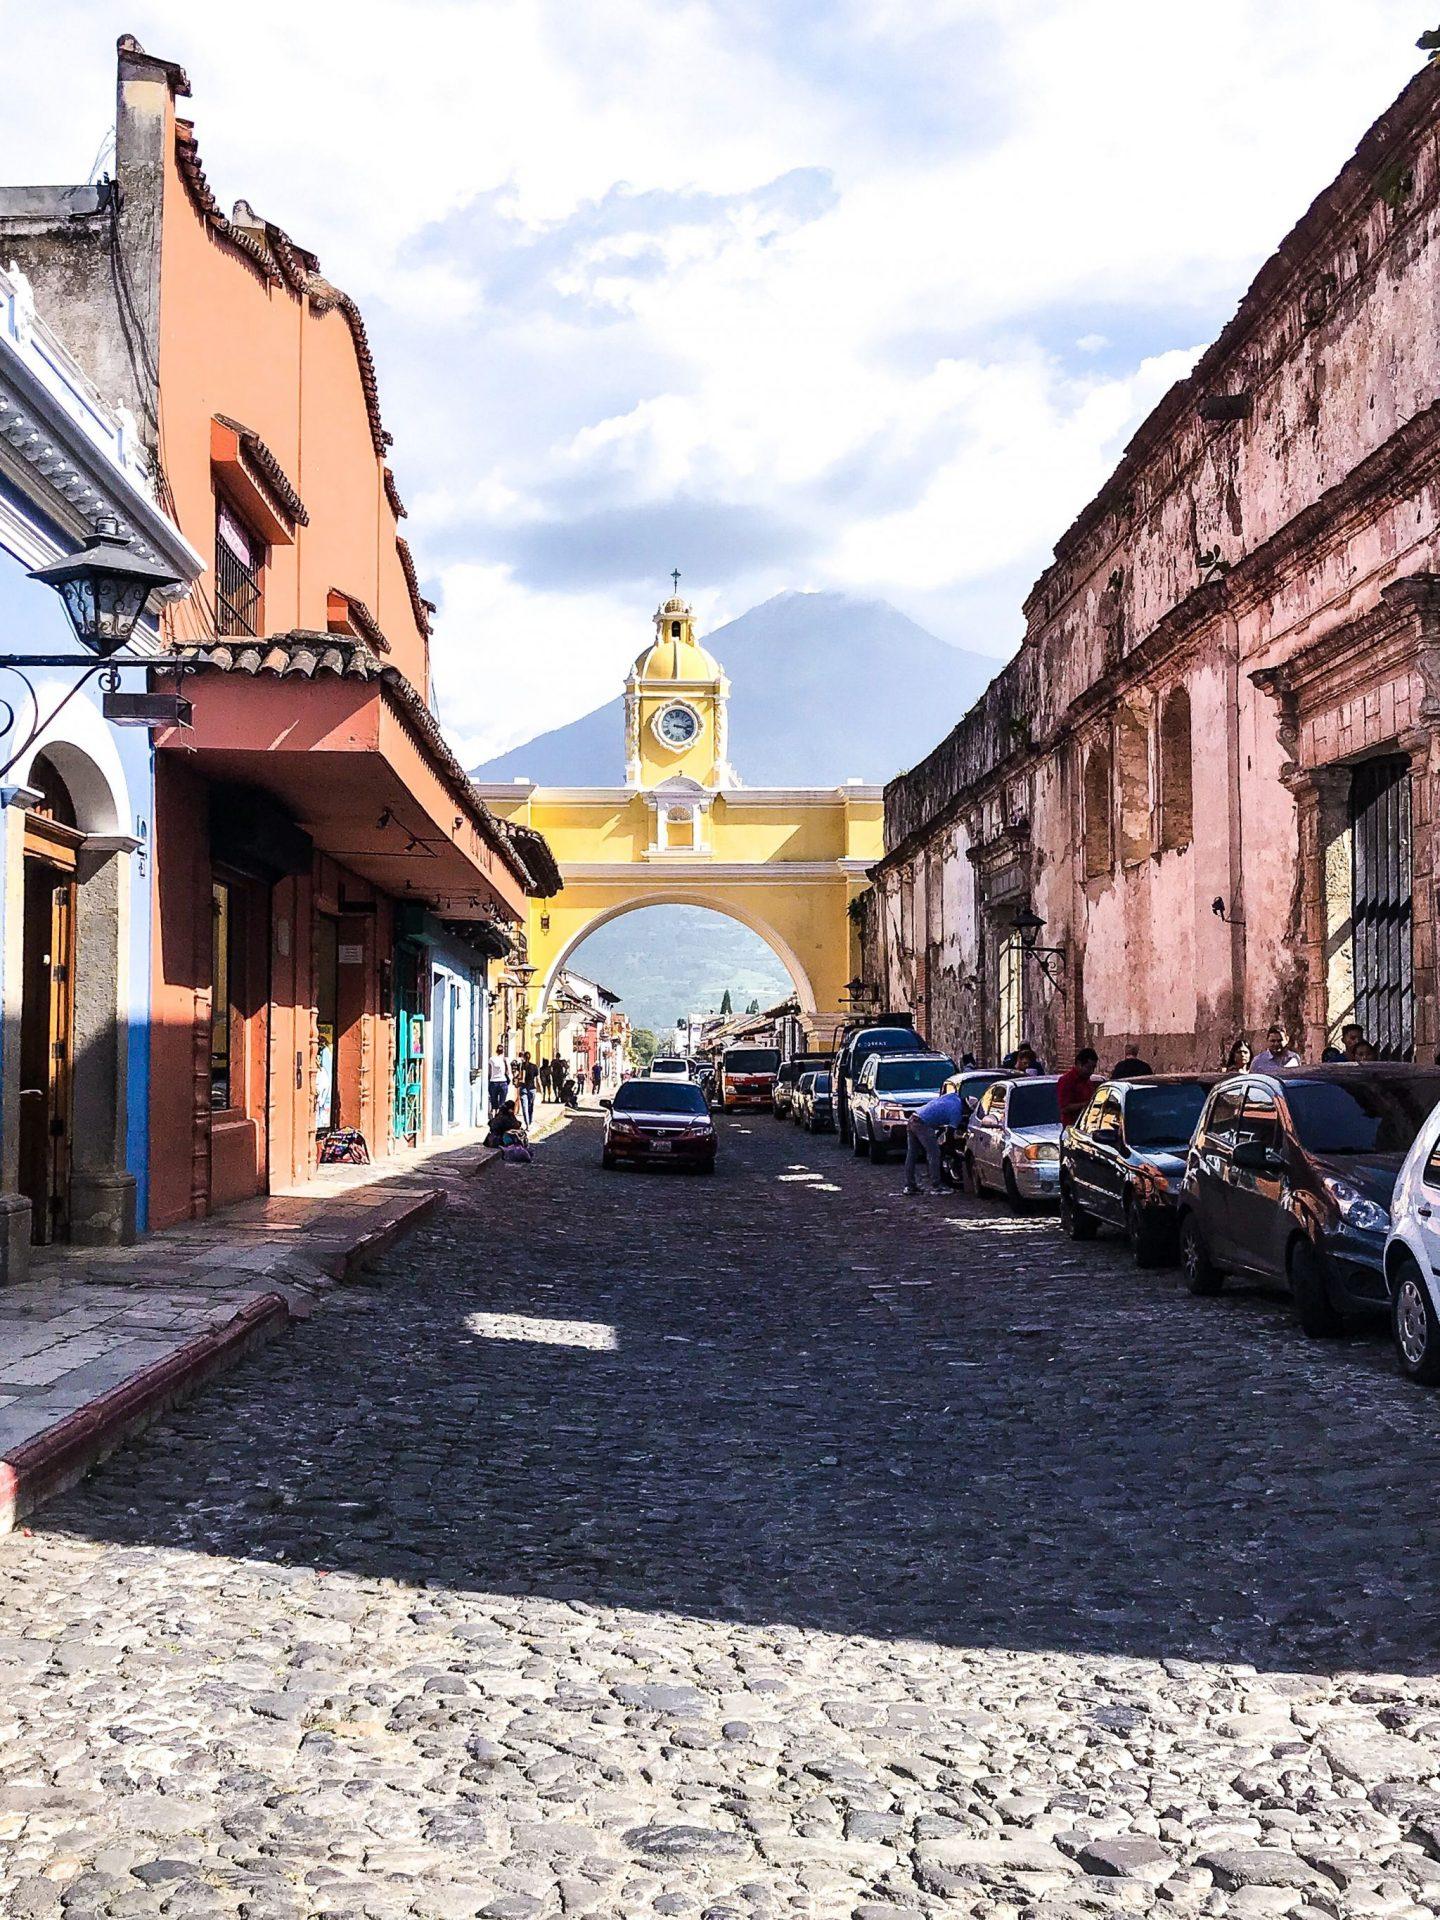 Antigua, Guatemala Getaway Guide